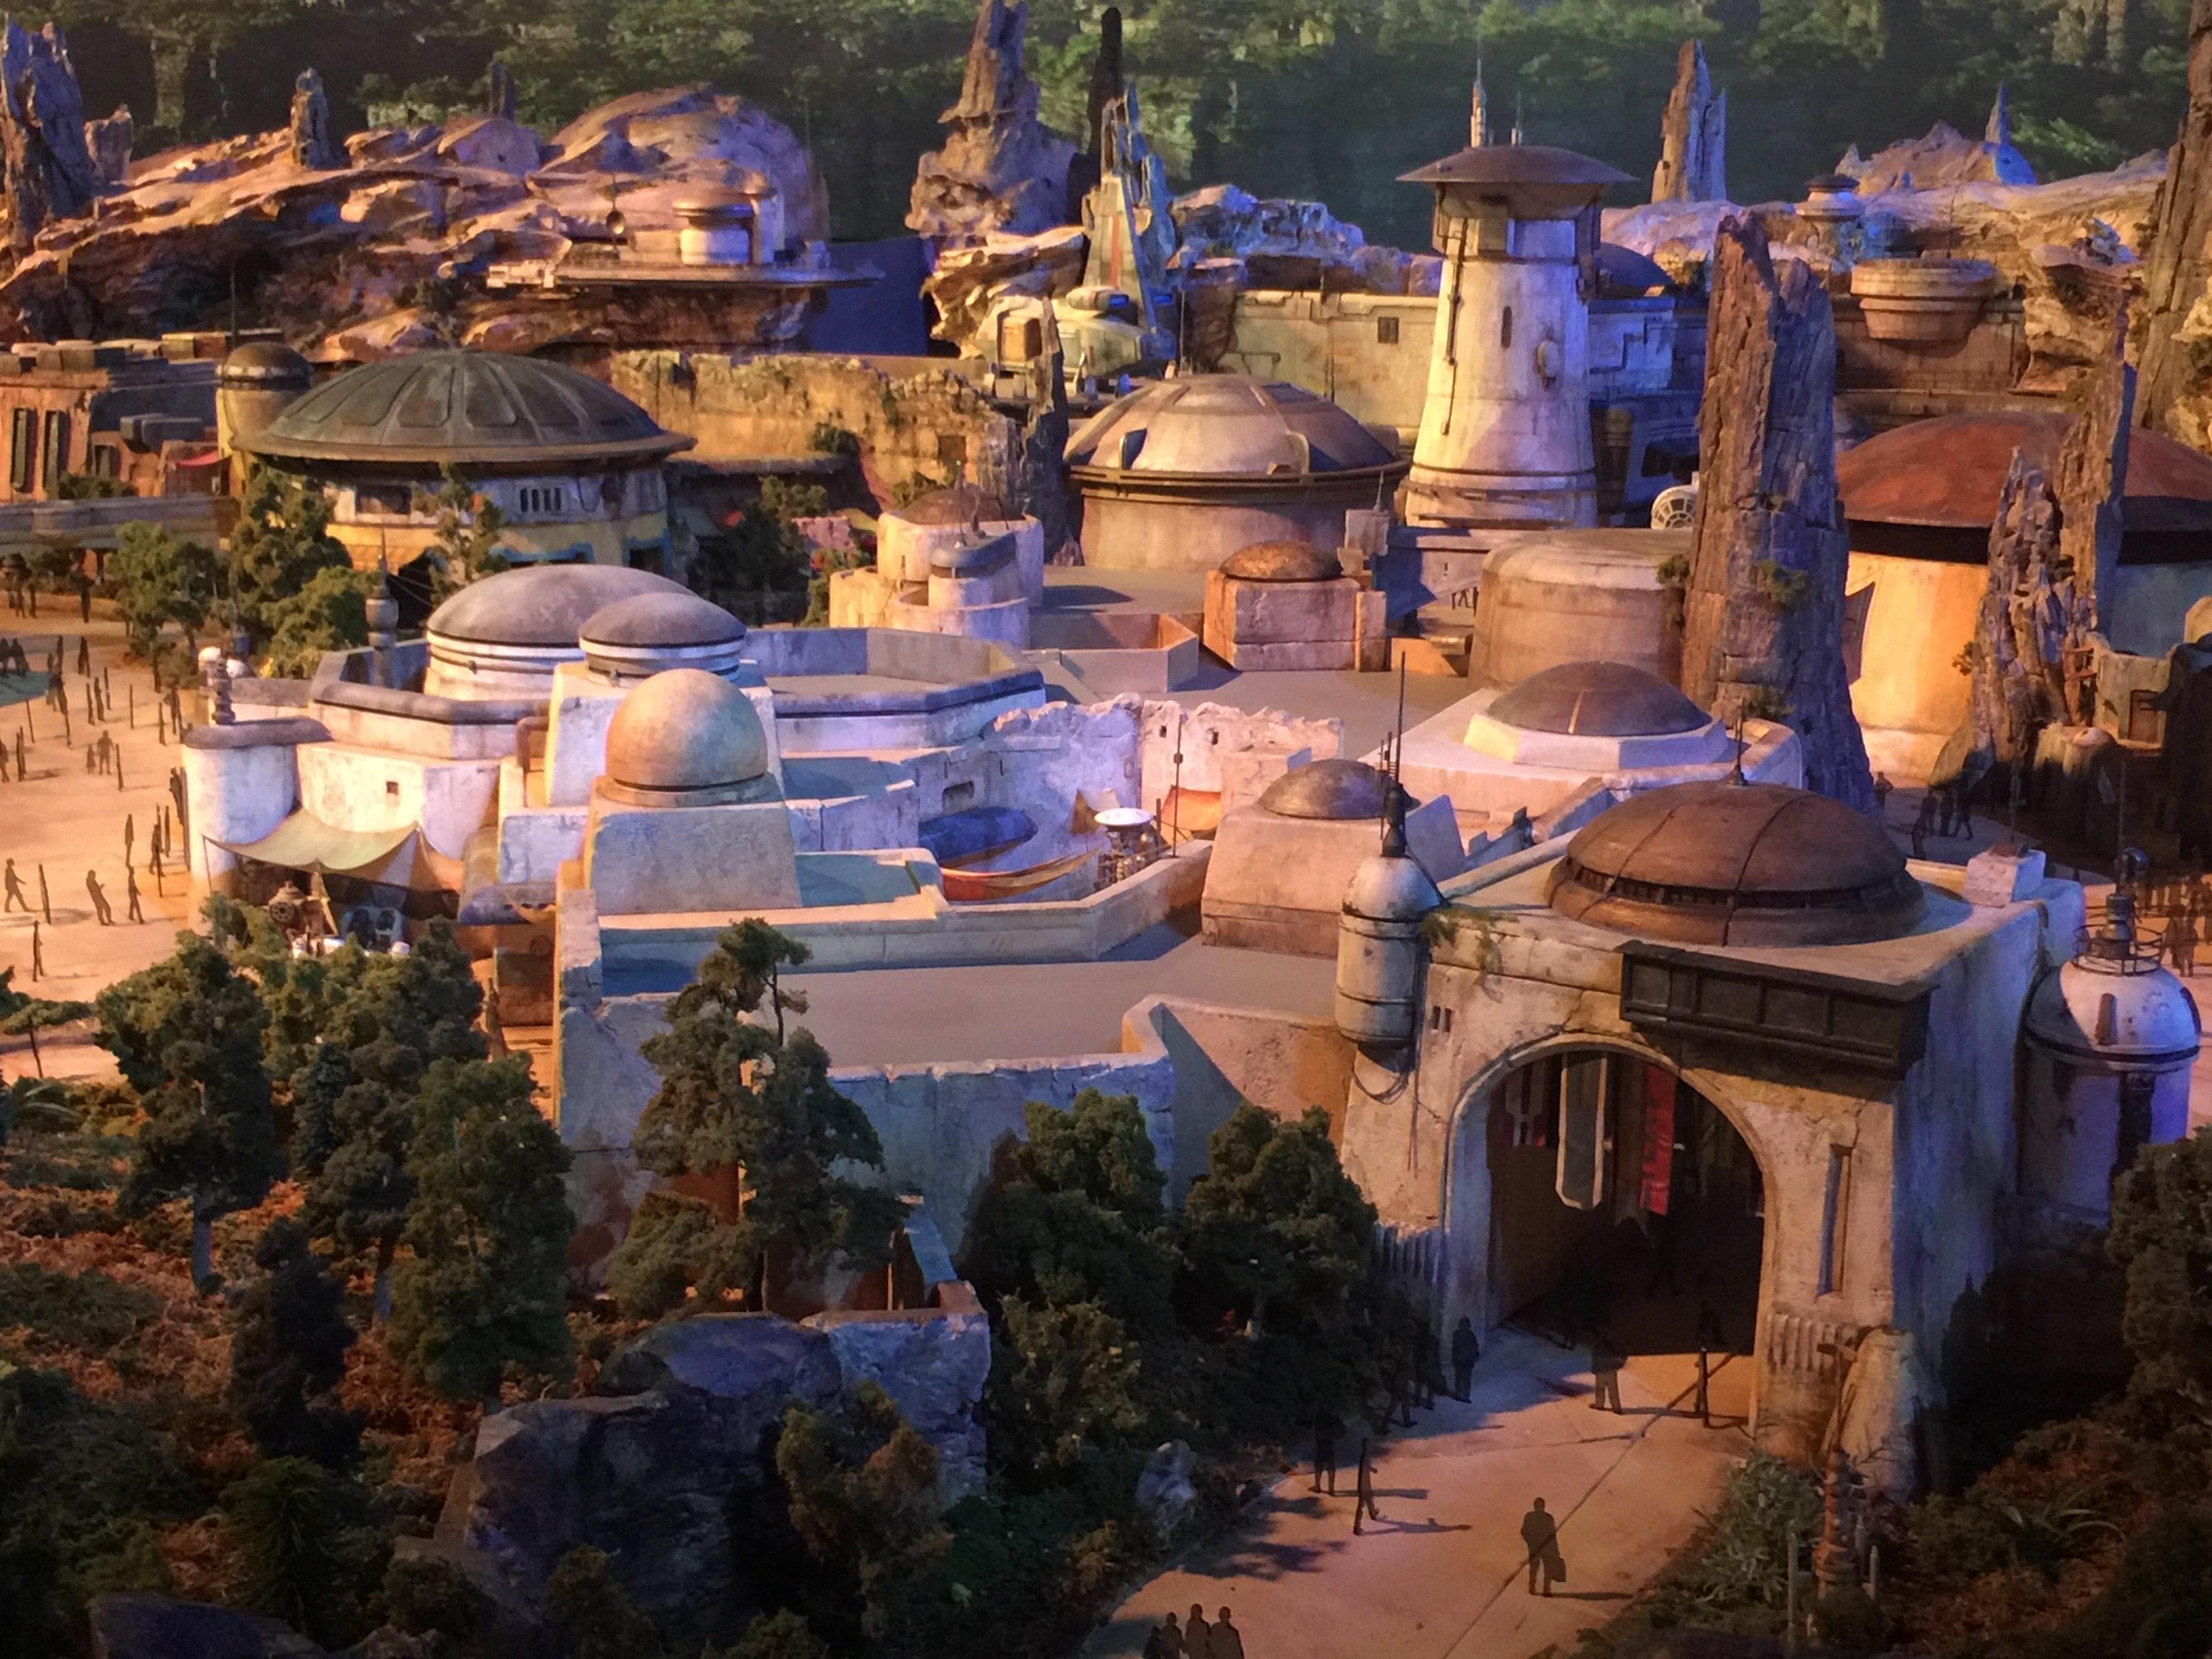 Maquette de Star Wars : Galaxy's Edge de Disney's Hollywood Studios